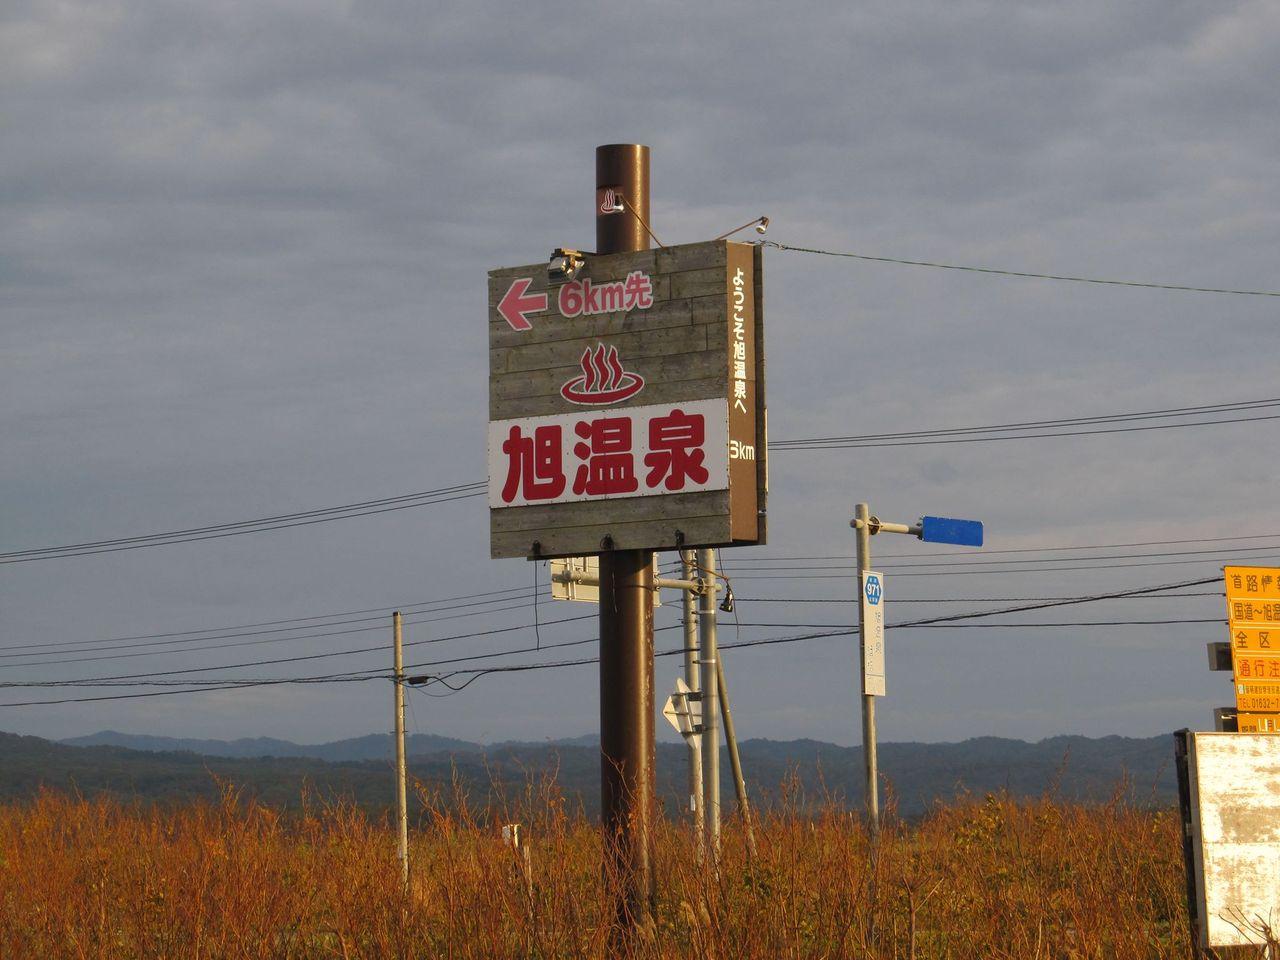 赤茶色と黒いお湯 二つの泉質を楽しめる くつろぎの宿 旭温泉 札幌